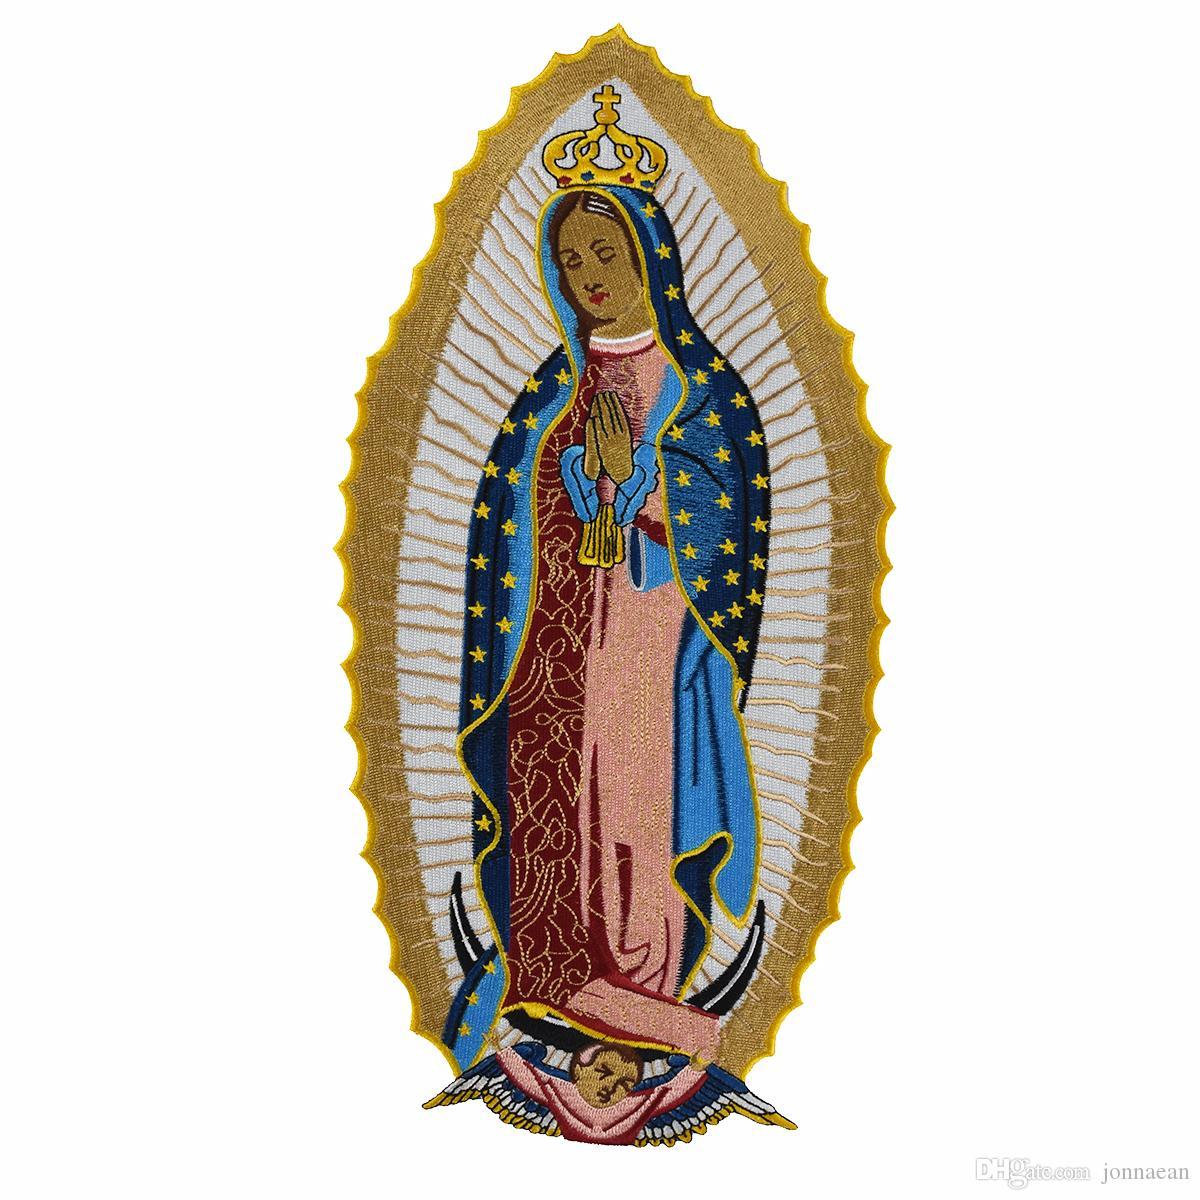 Sainte Vierge Marie Patch Brodé Grande Taille Personnalisé Coudre Sur Fer Sur Pour T-shirt Veste Vêtement Vêtement Applique